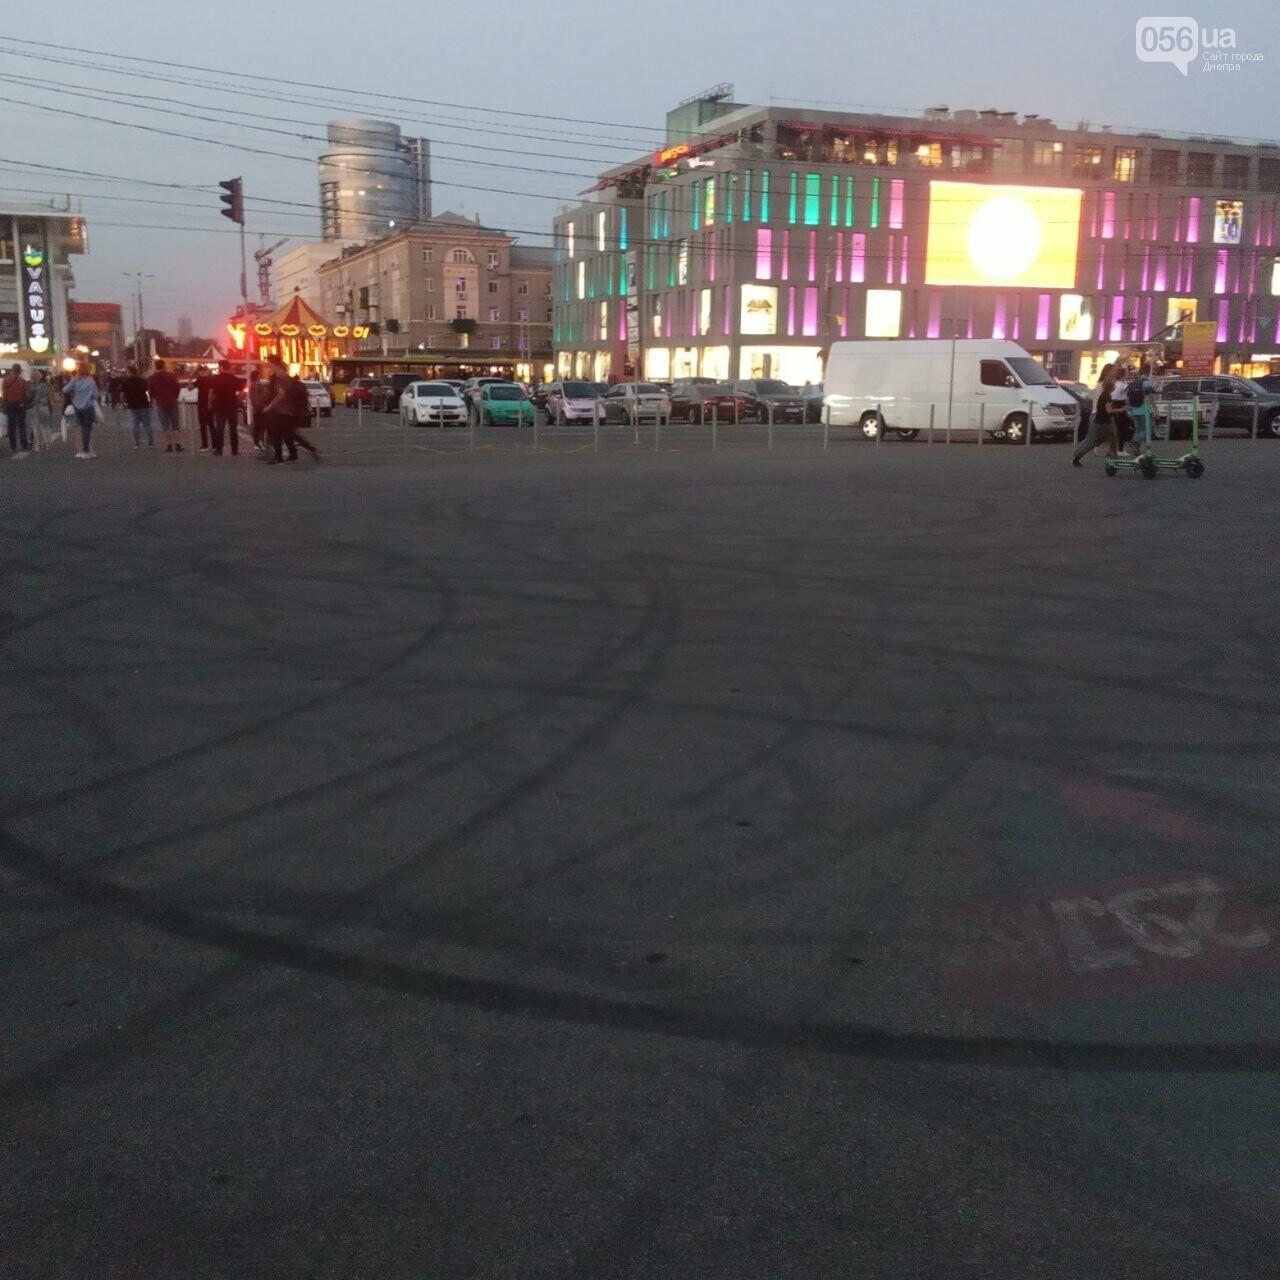 Дрифт в центре Киева спровоцировал скандал, а для Днепра стал шоу с жирными следами, - ФОТО, фото-16